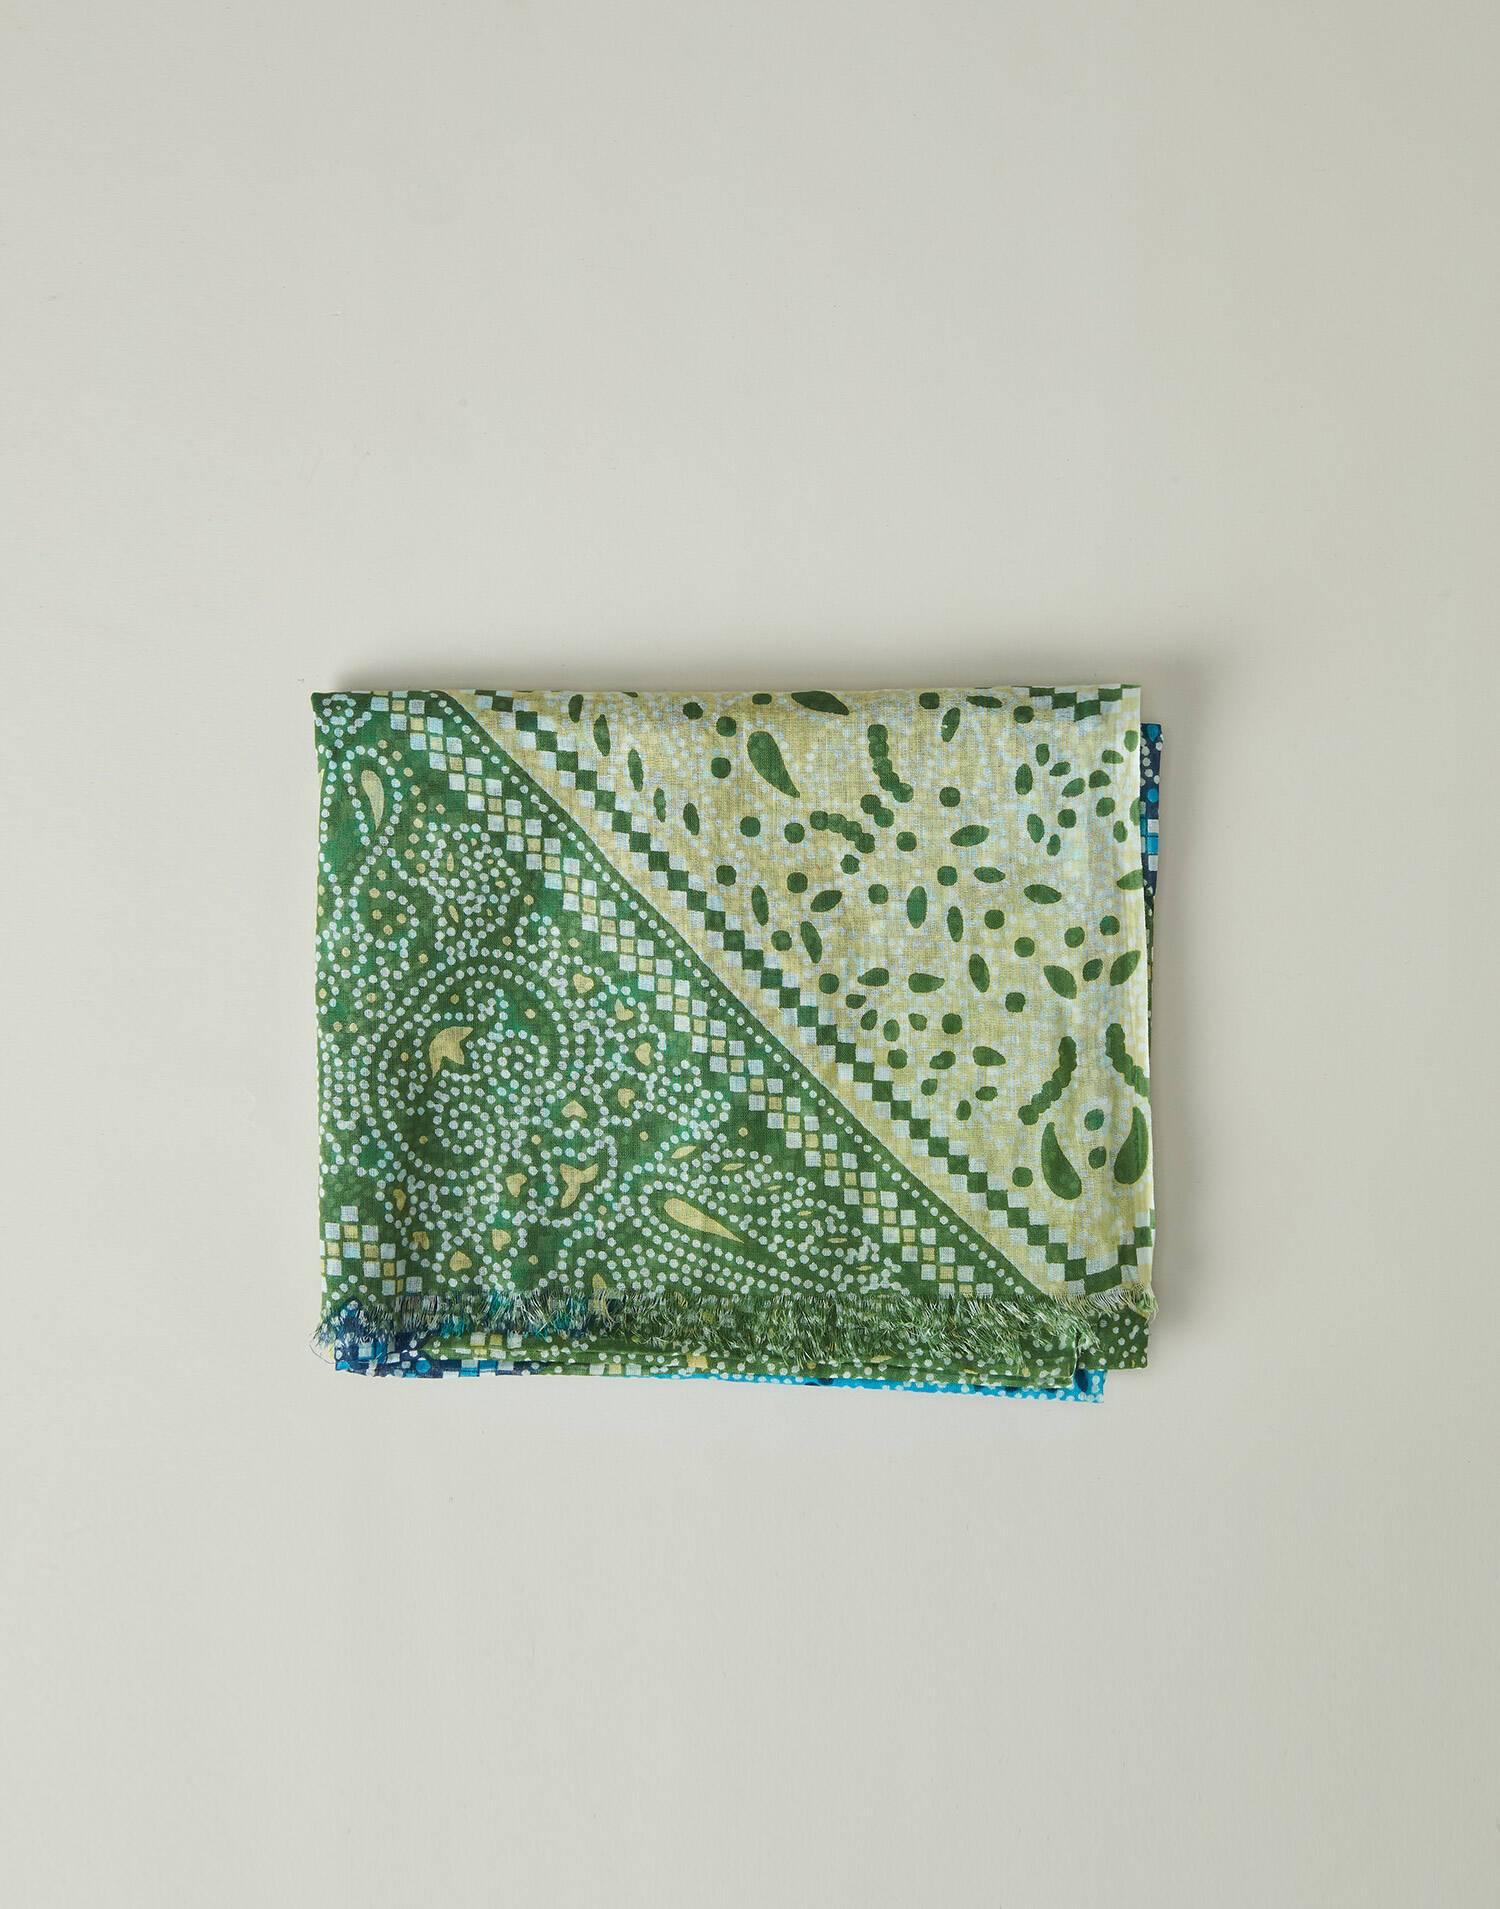 Bandhani printed foulard